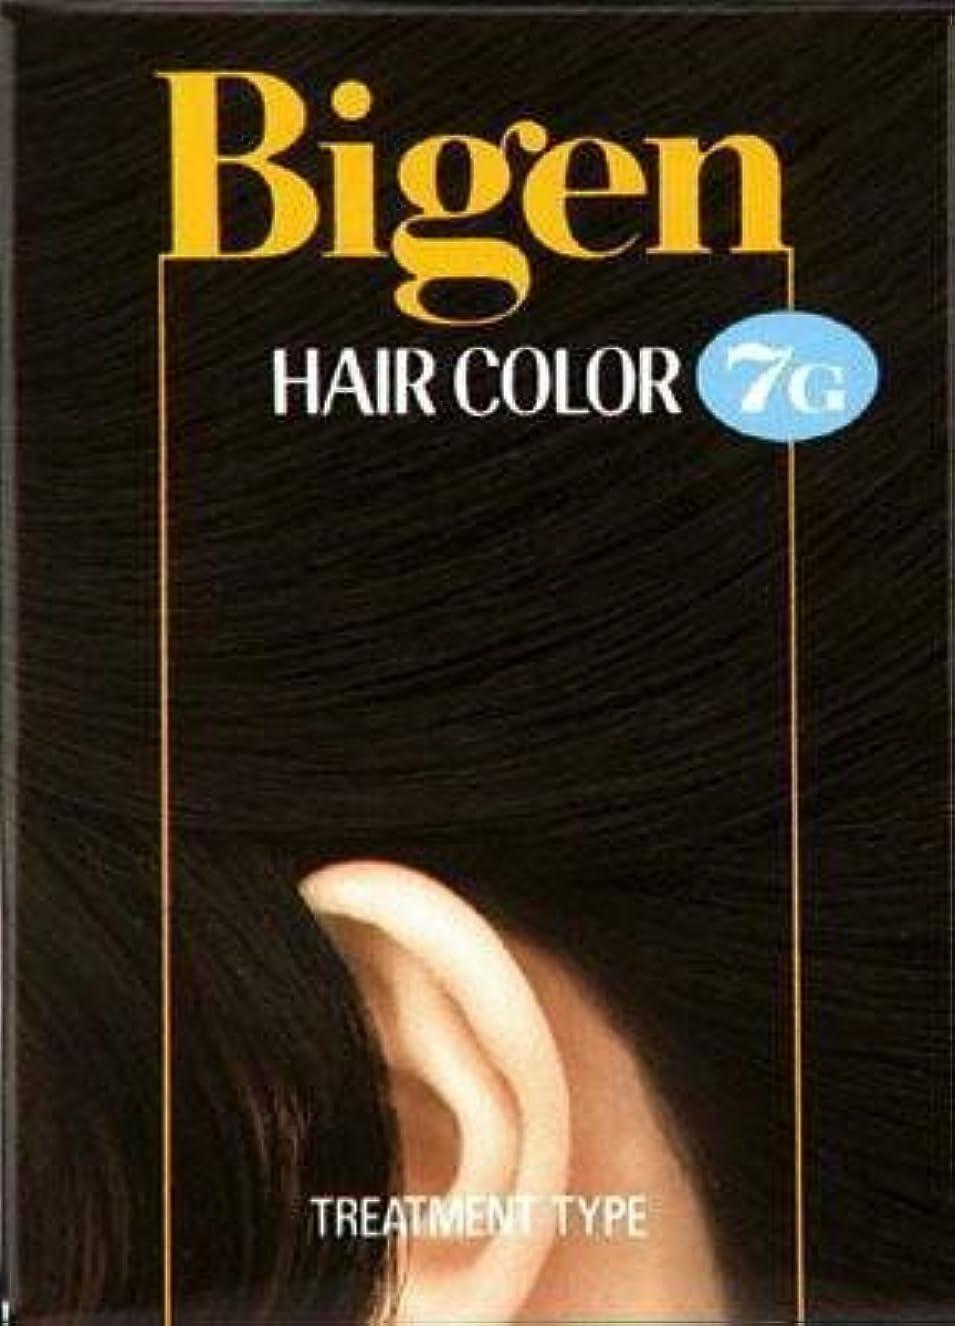 フィールドホーン平和なビゲン ヘアカラー 7G 自然な黒褐色 × 5個セット